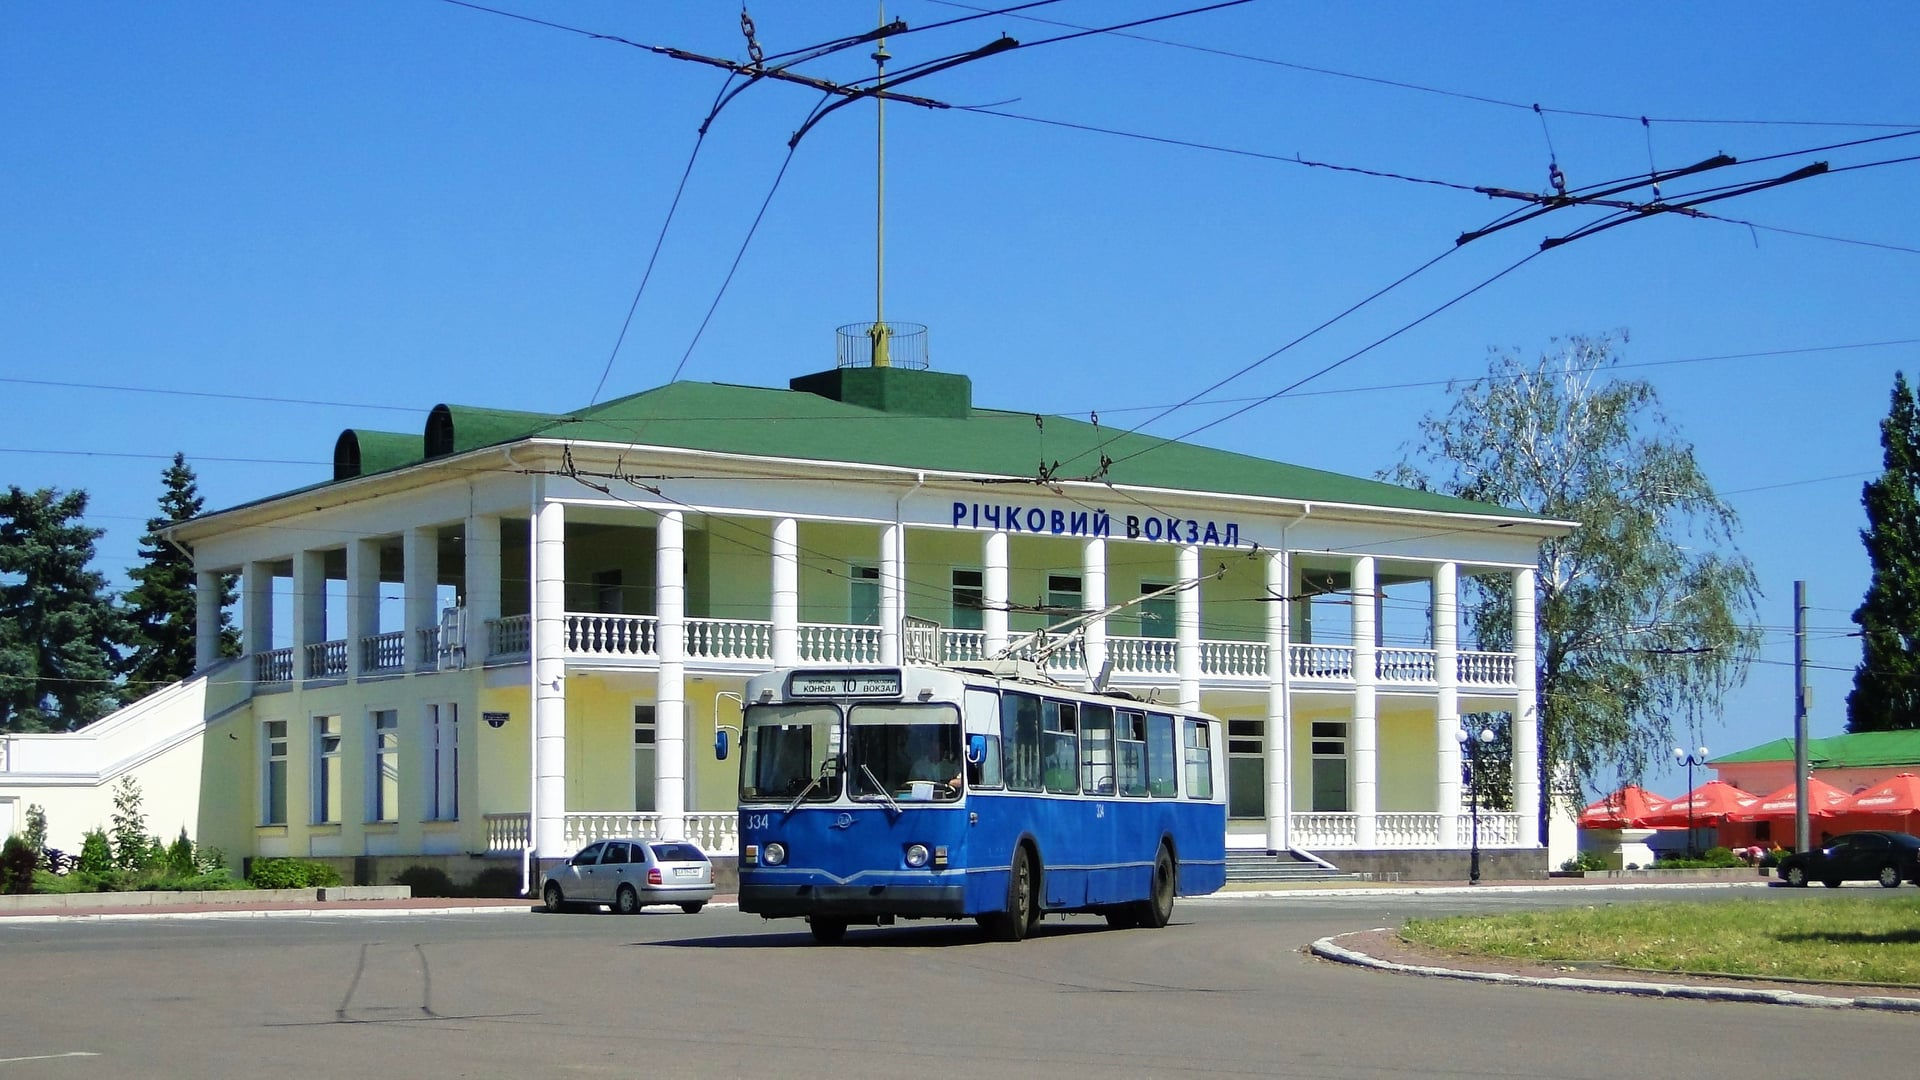 Деякі тролейбуси змінять рух маршруту через ремонт доріг